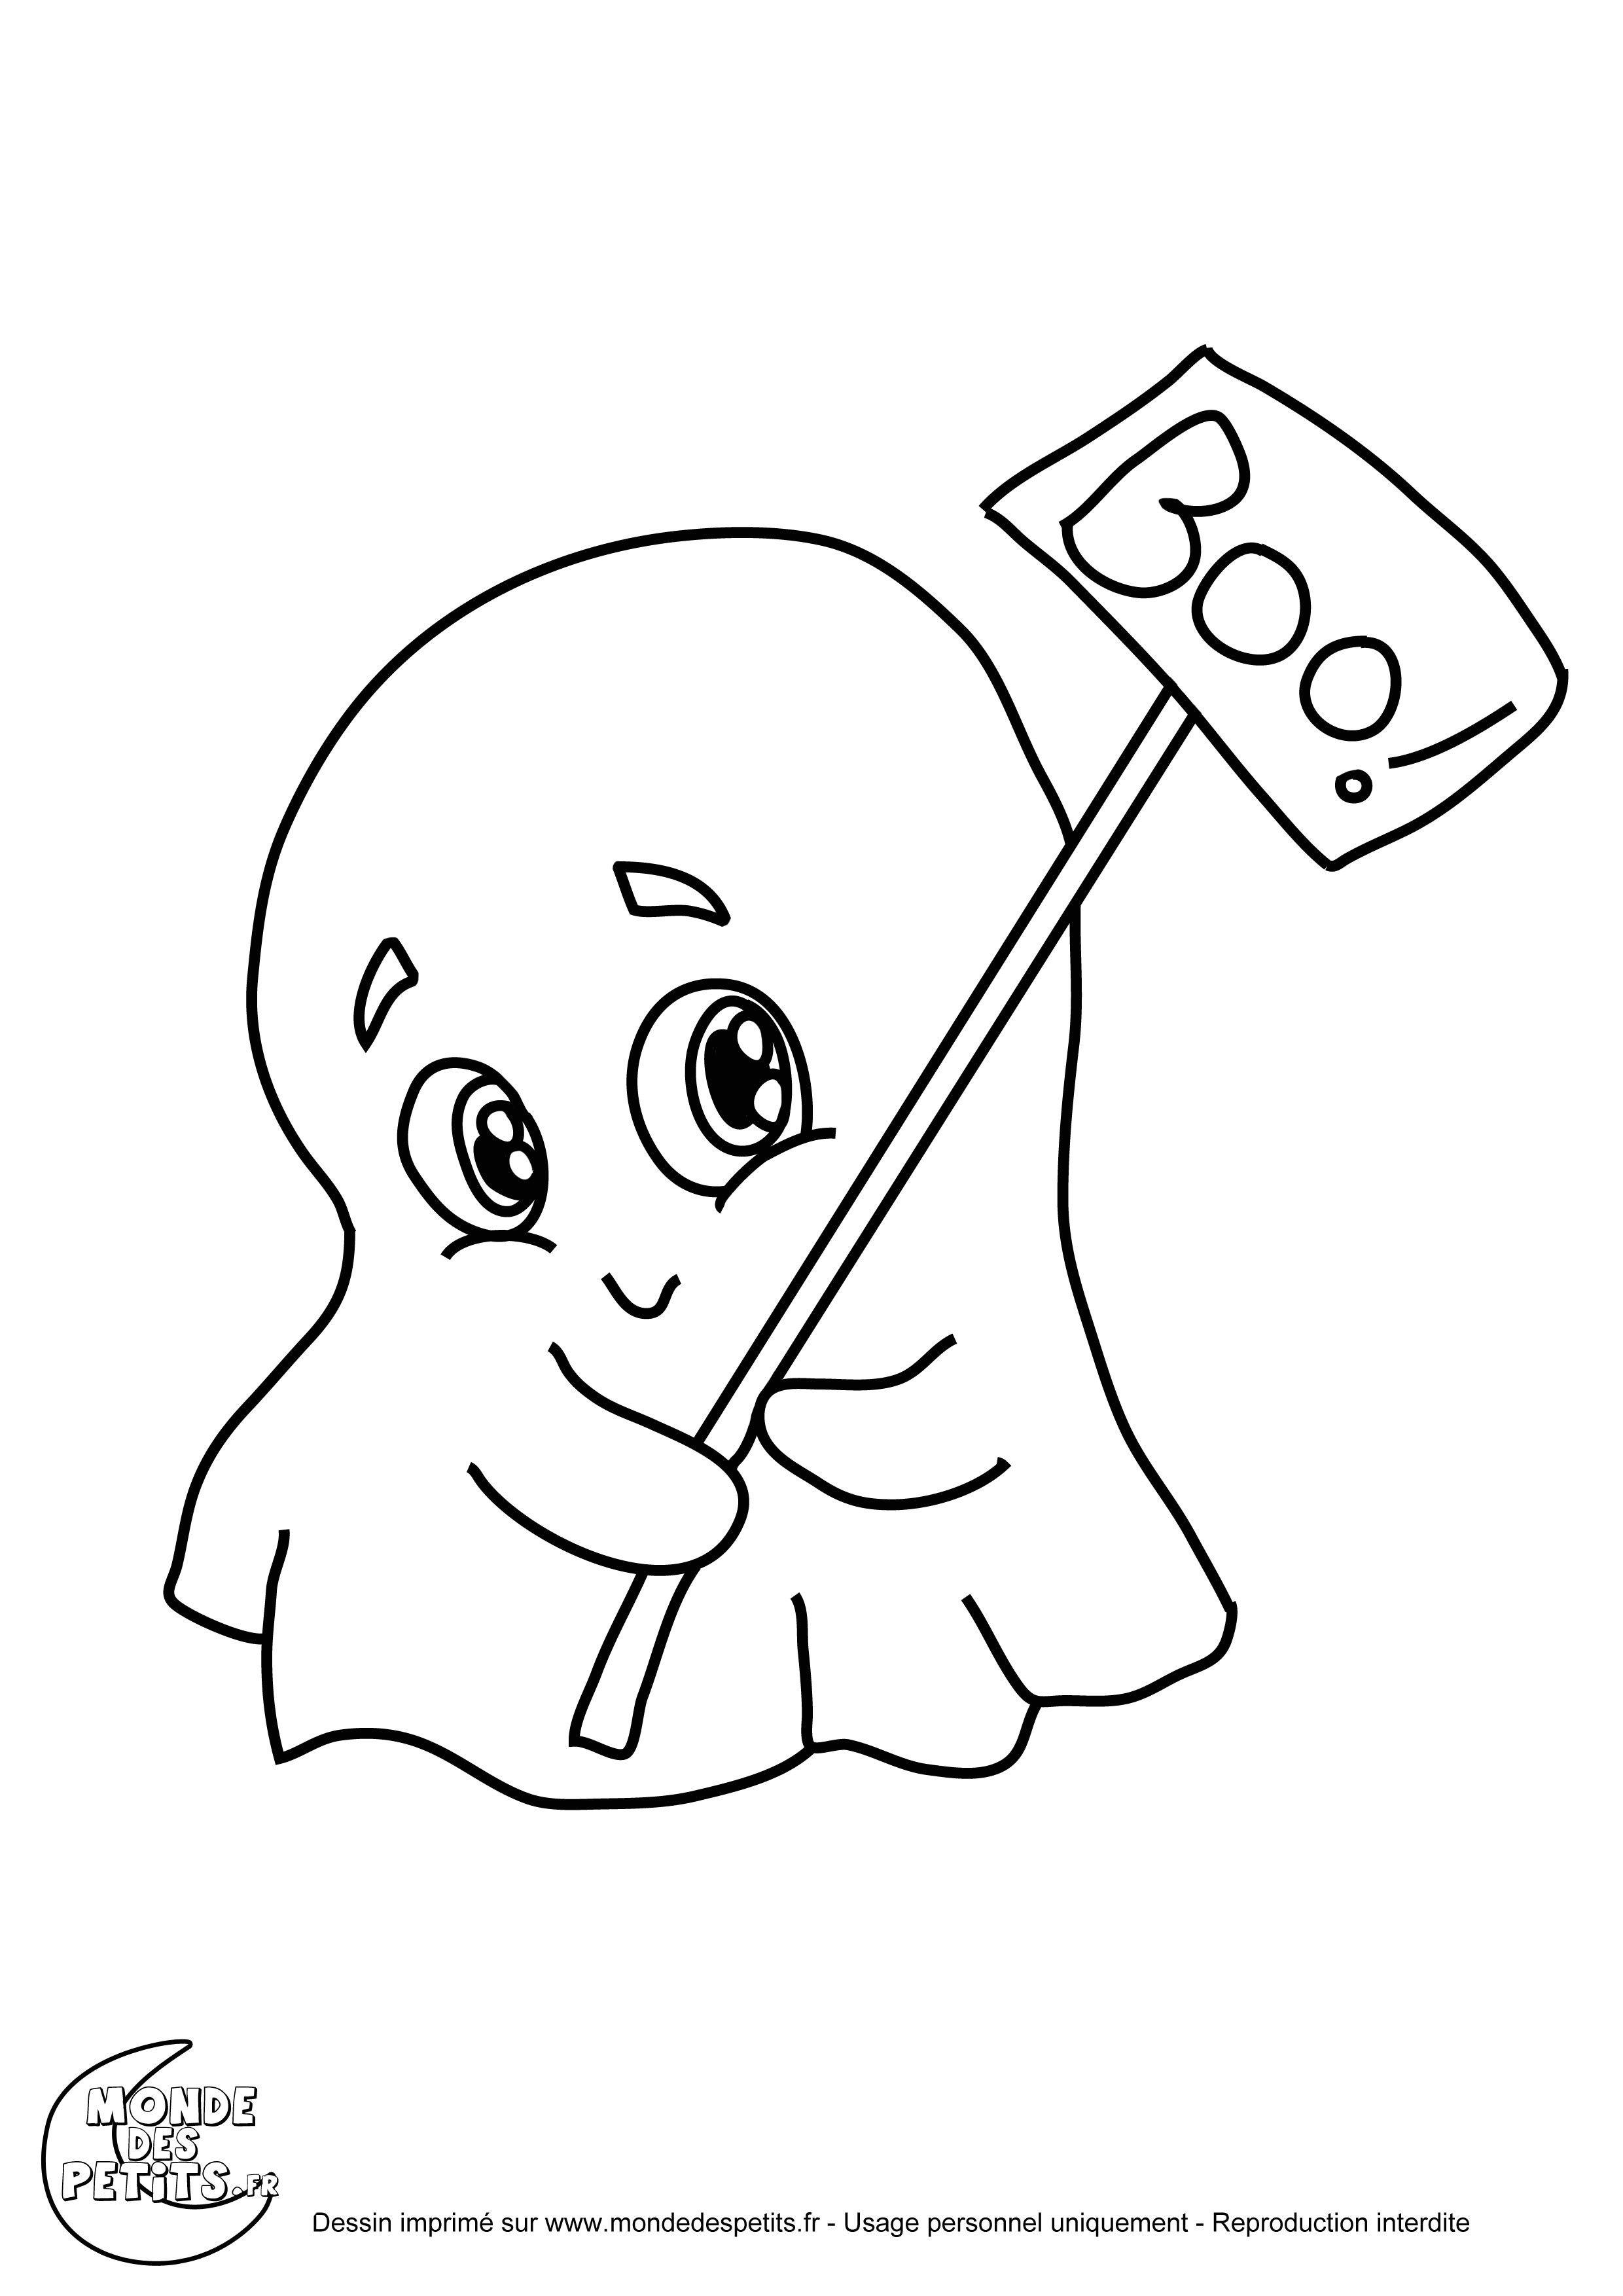 10 Remarquable Dessin D Halloween Qui Fait Peur Image Coloriage